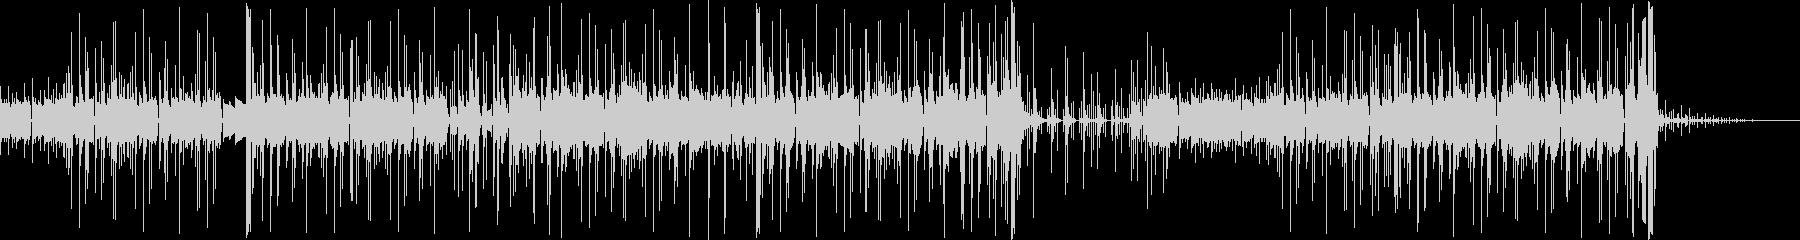 カリンバを用いたポップなエレクトロニカの未再生の波形